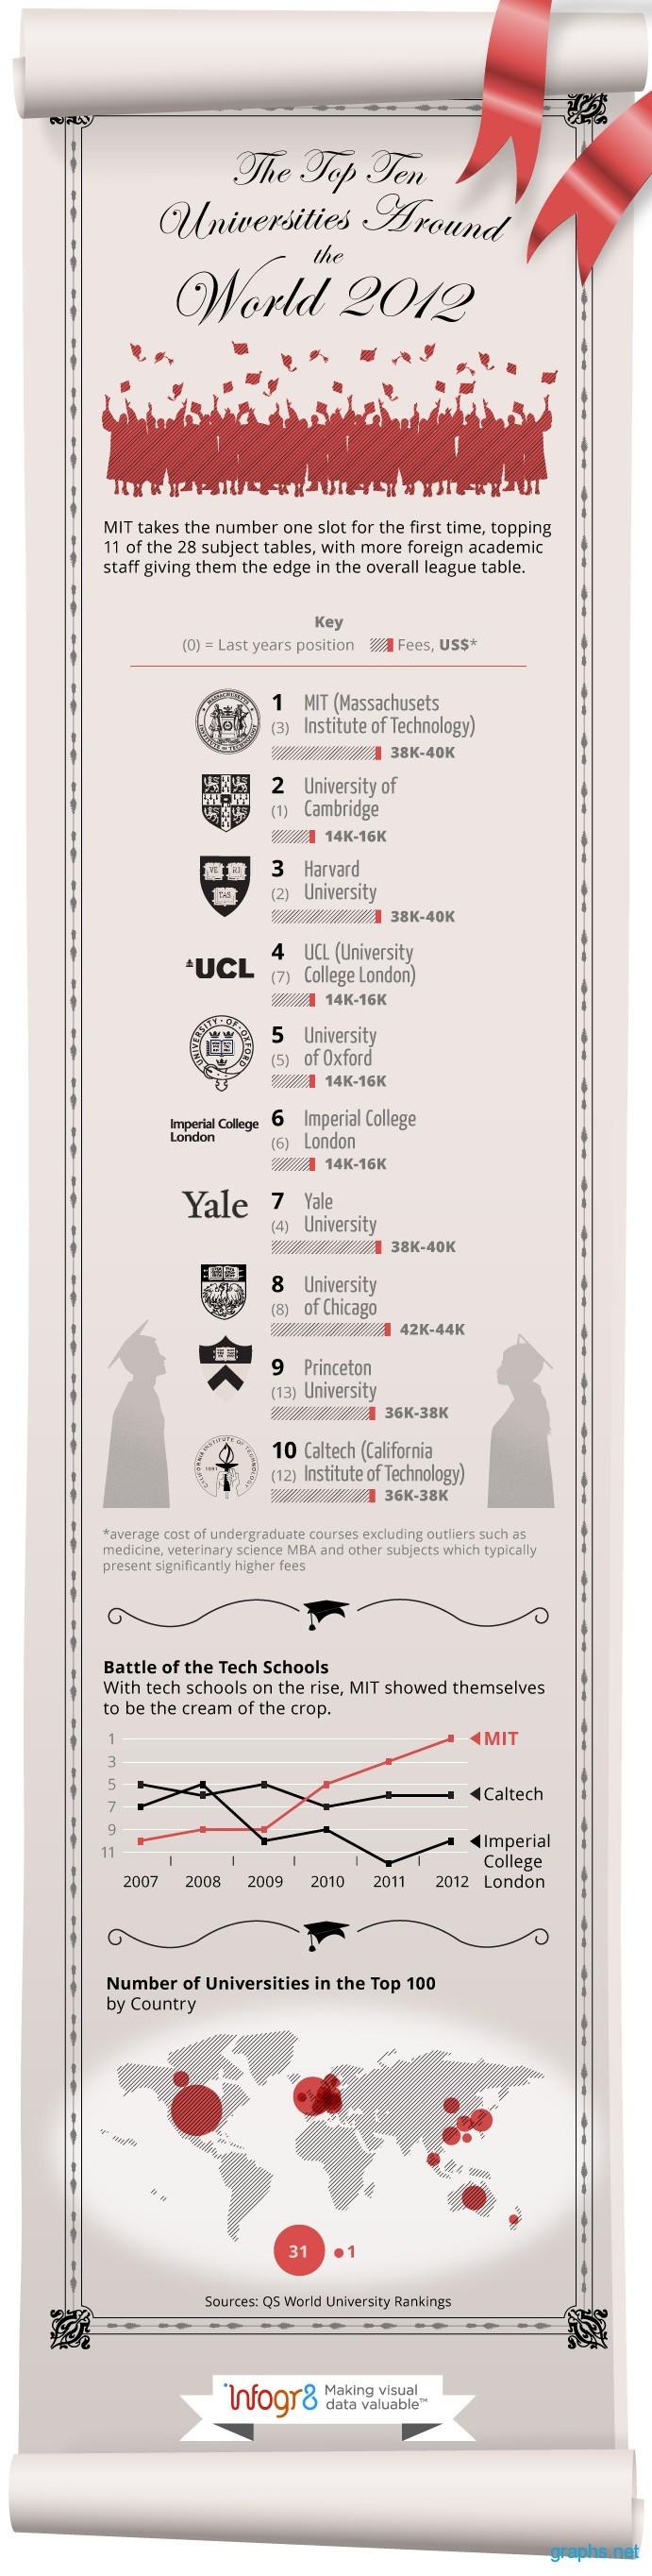 World's Top Universities